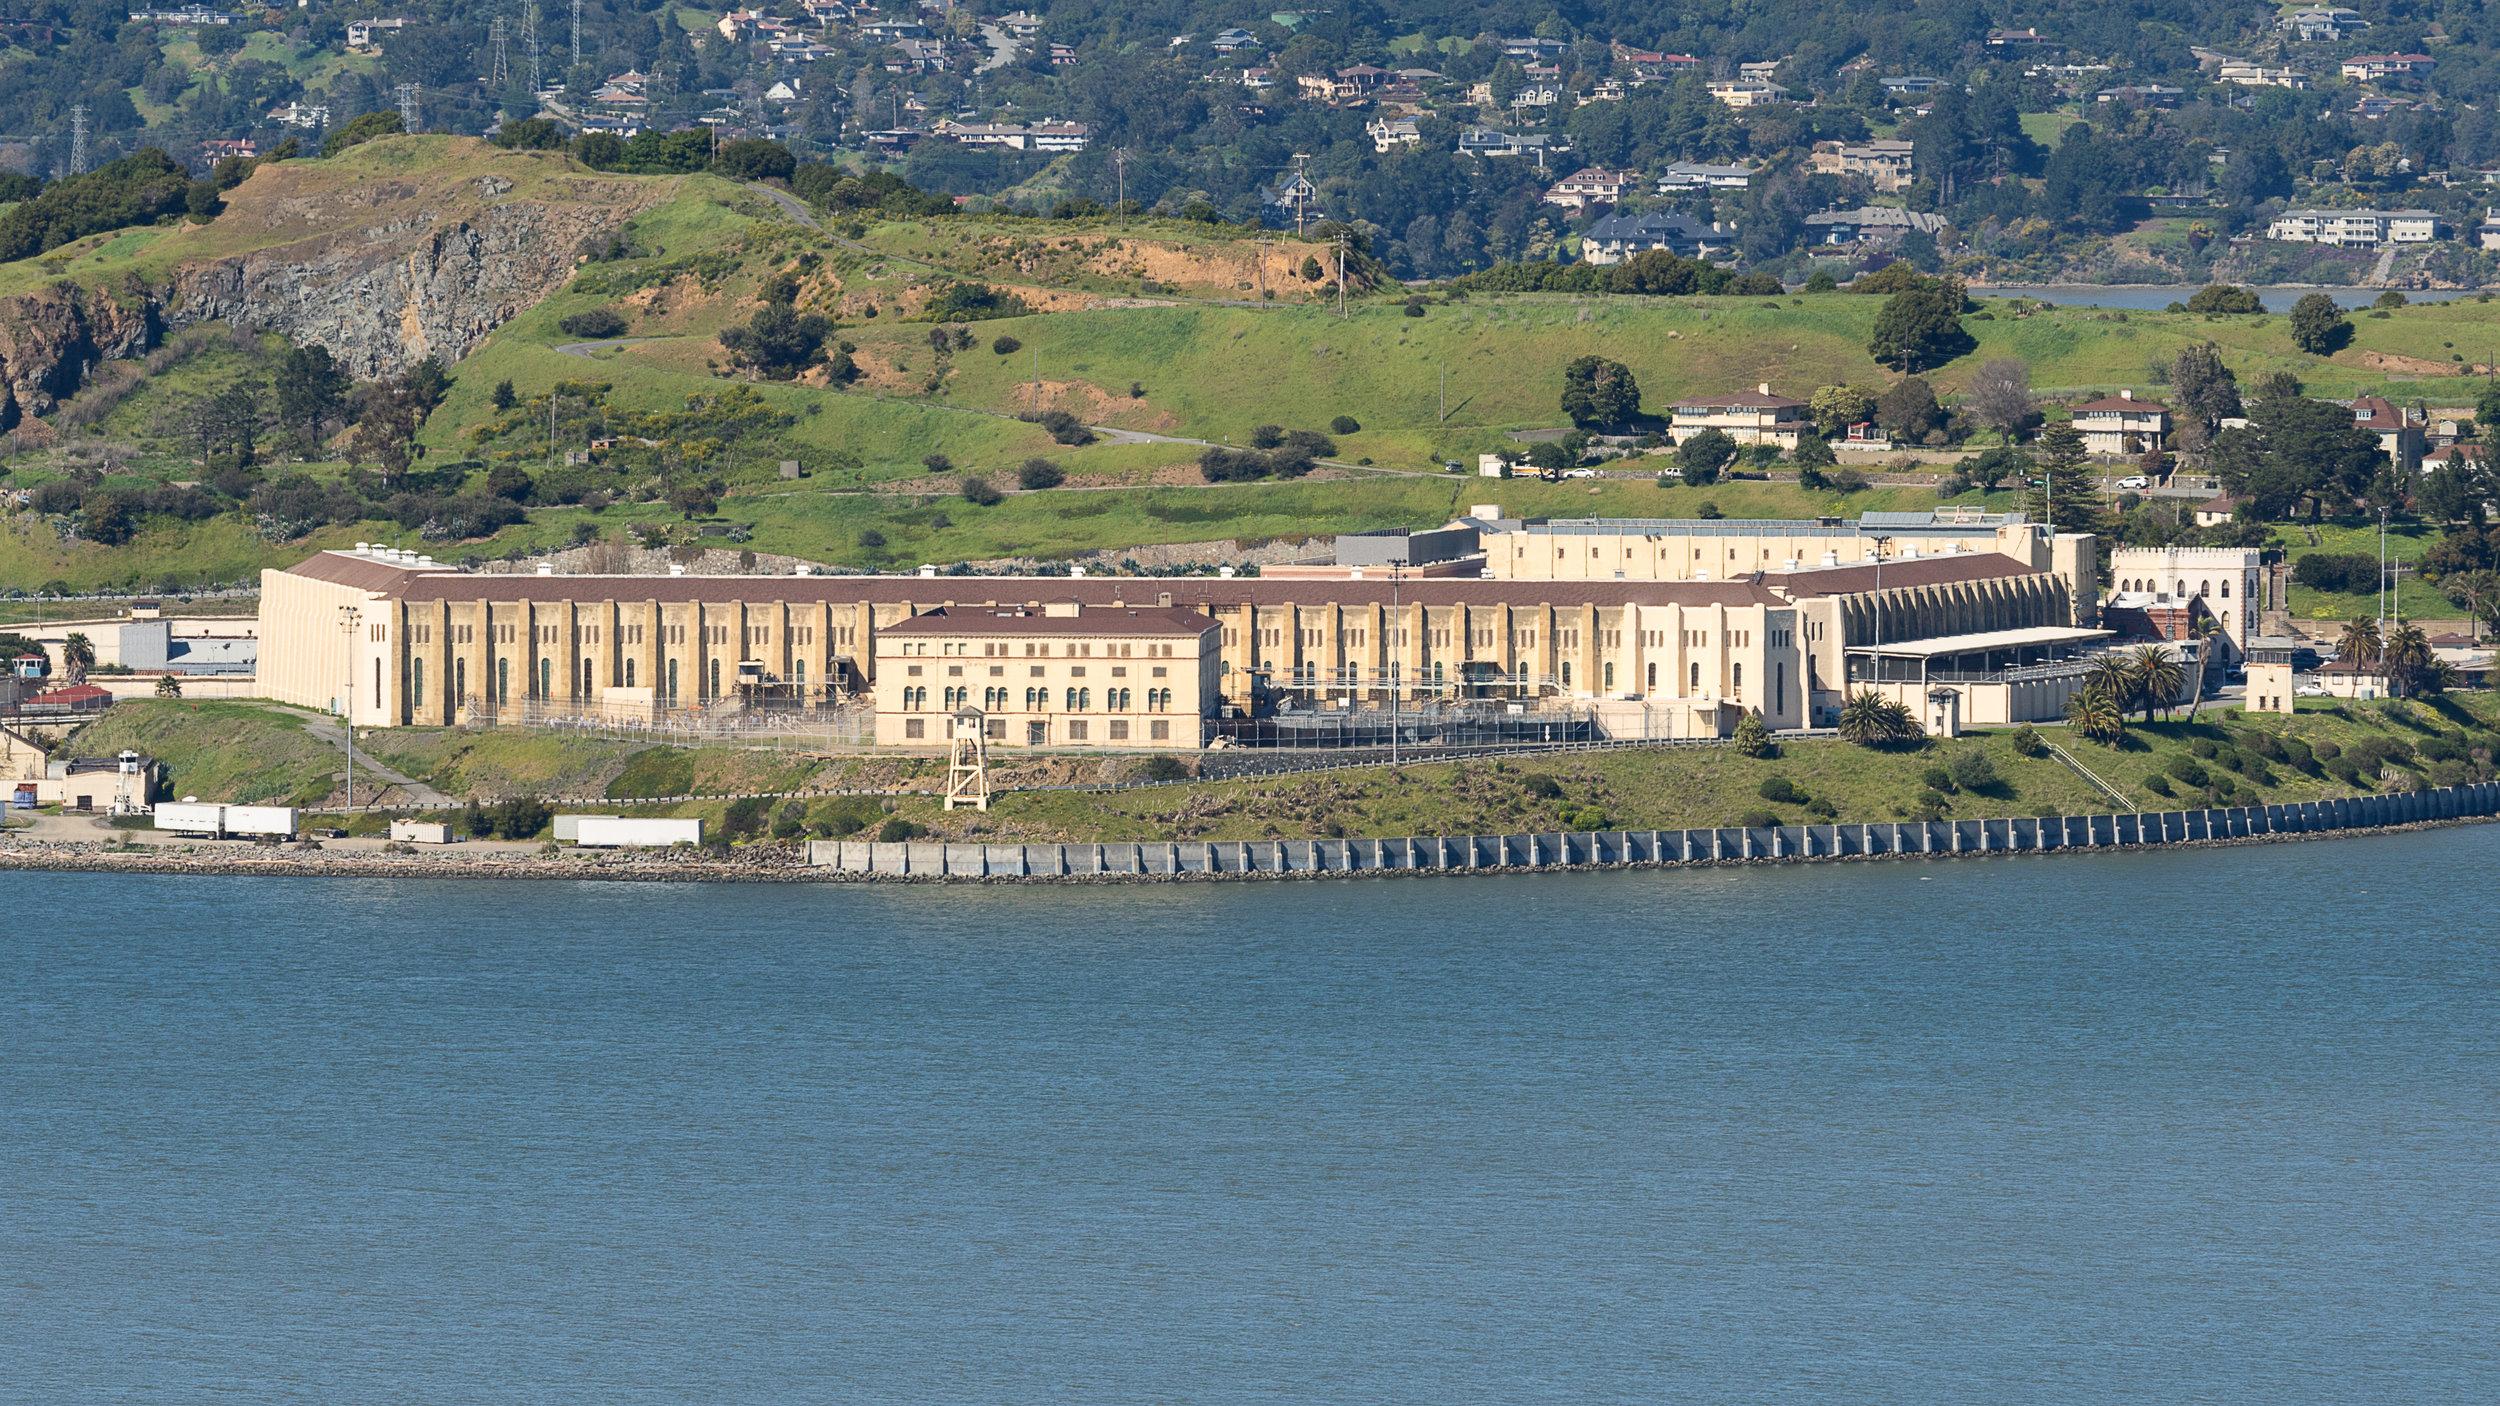 San_Quentin_State_Prison.jpg